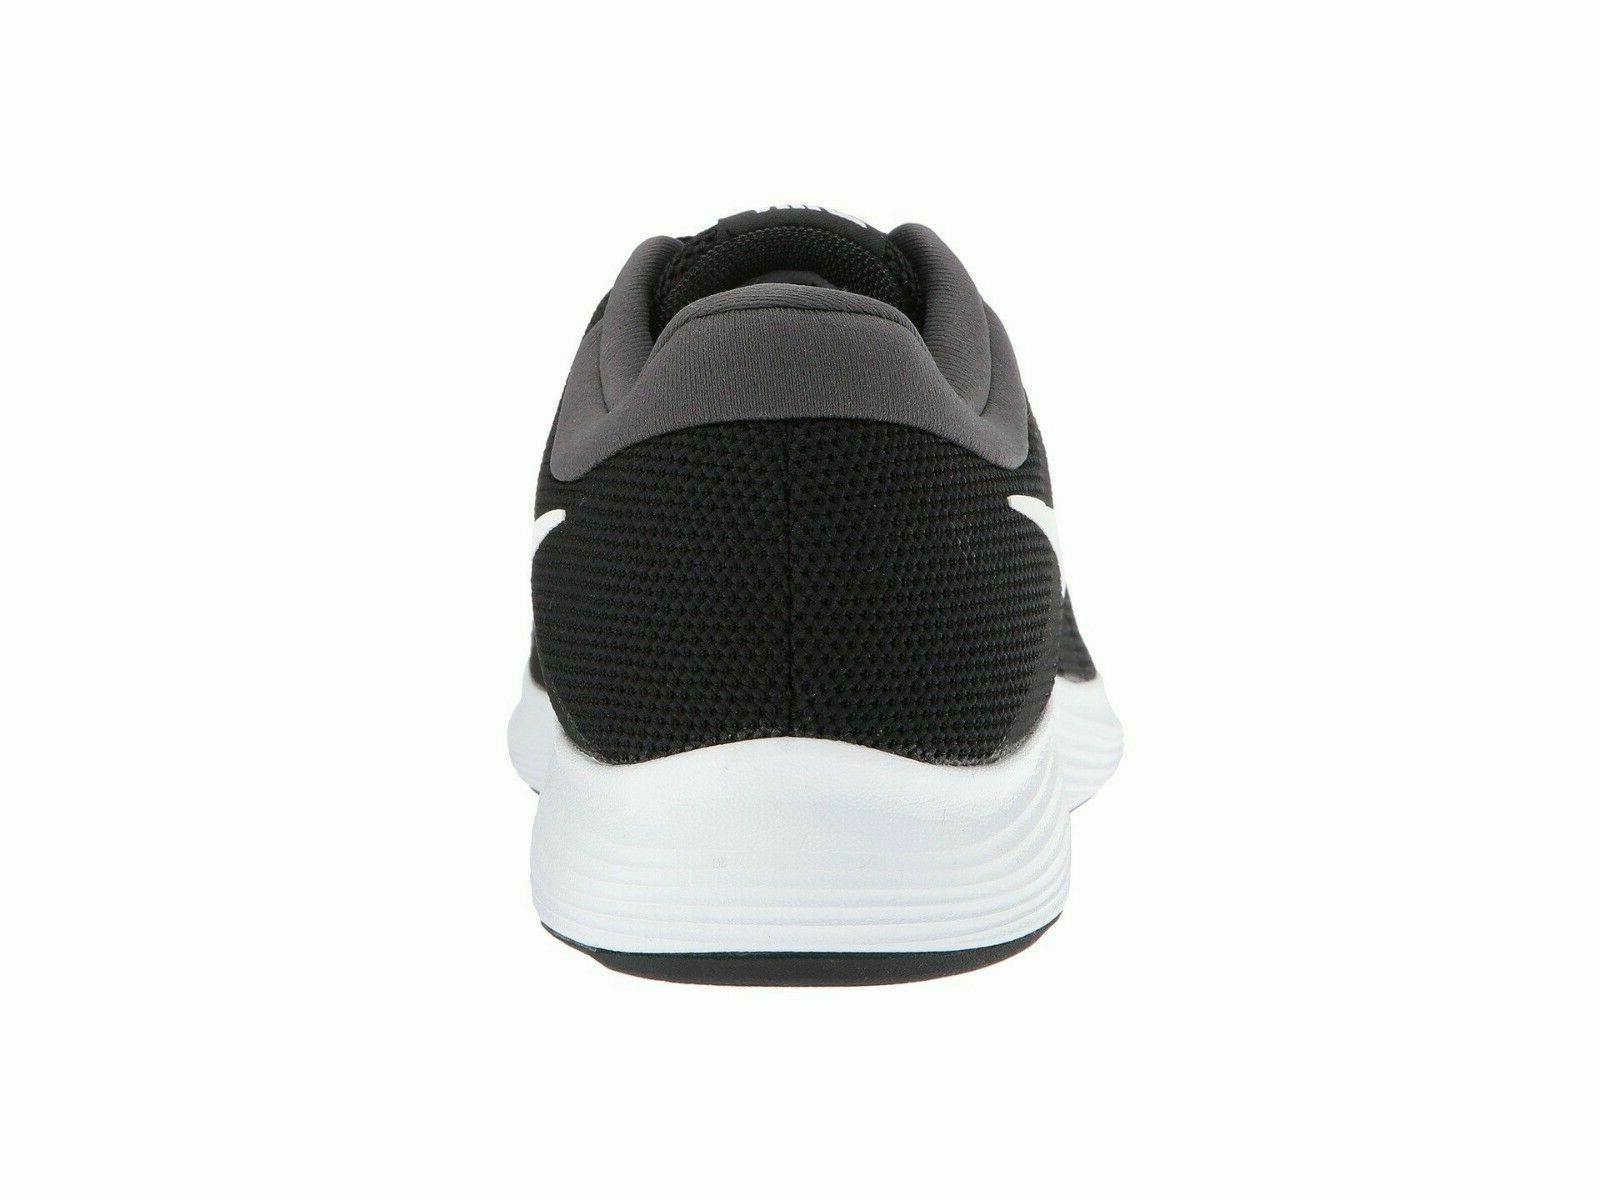 Nike Revolution 4 Running Shoes 908988-001 Men's NEW